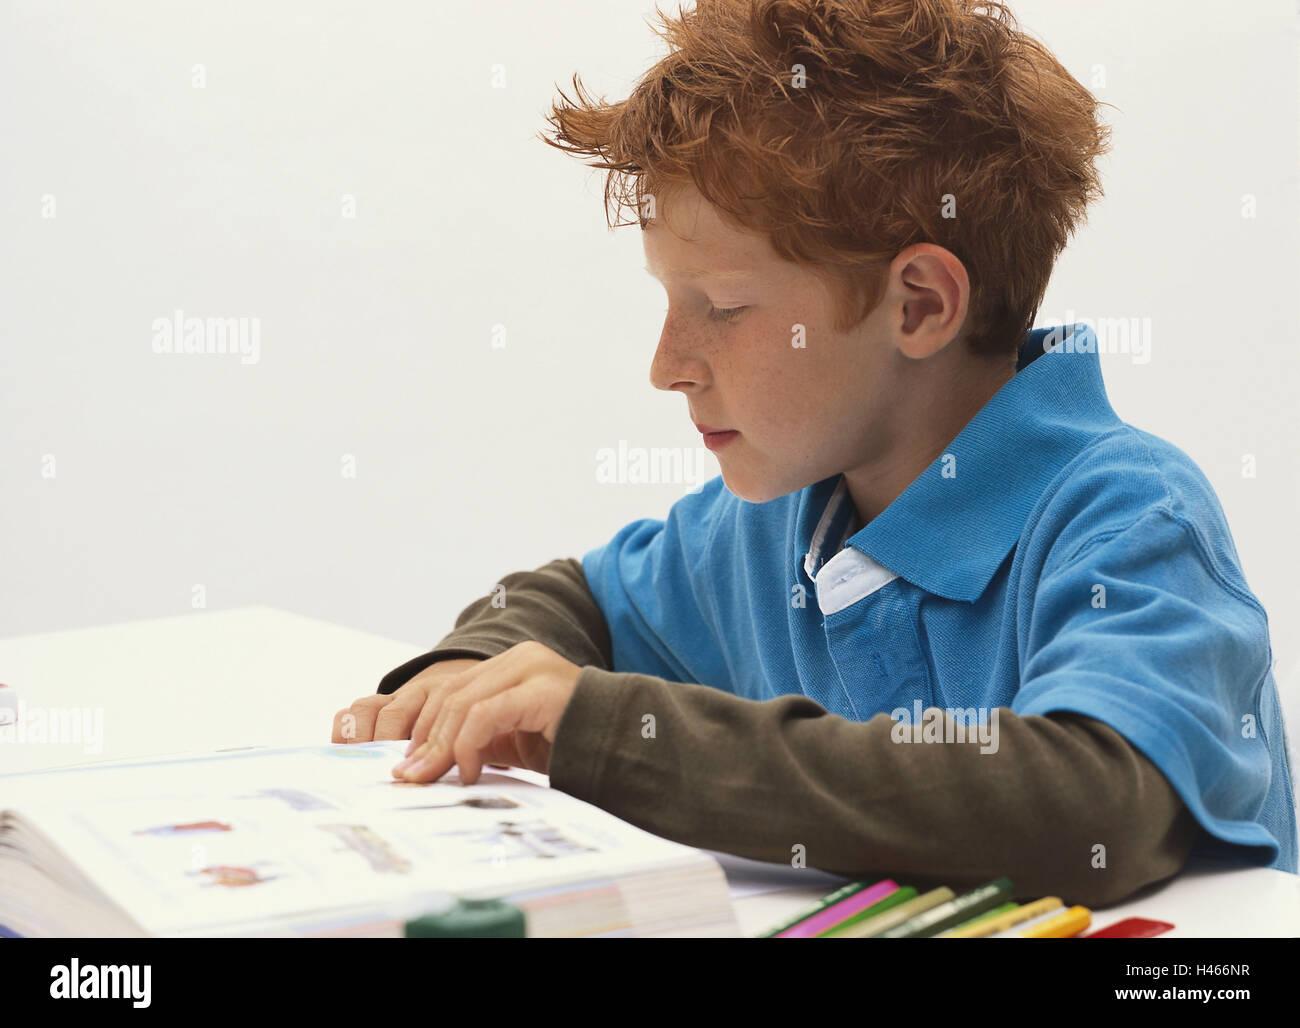 Tisch, junge, Konzentrate, lesen, Buch, Seite Porträt, Person, Kind, Rothaarige, sitzen, lernen, Schulkind, Stockbild